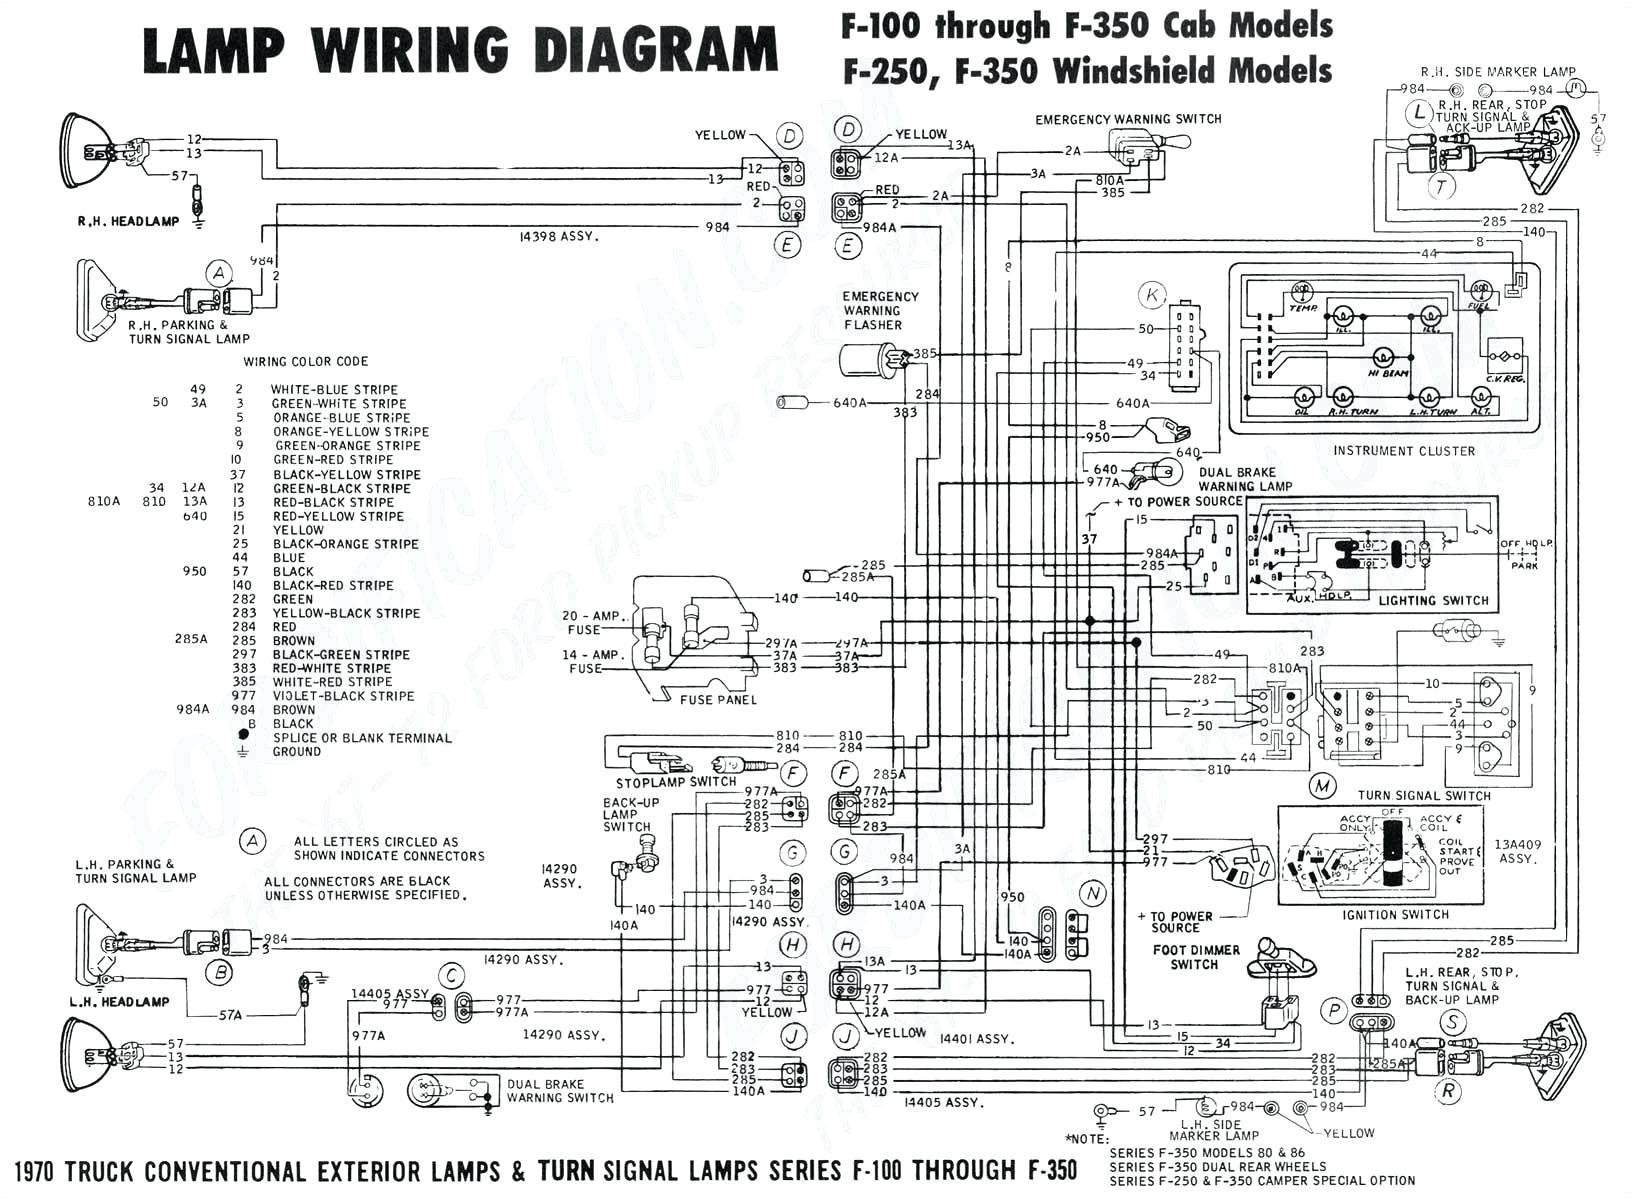 trailmobile wiring diagram wiring diagram name lufkin trailer wiring diagram